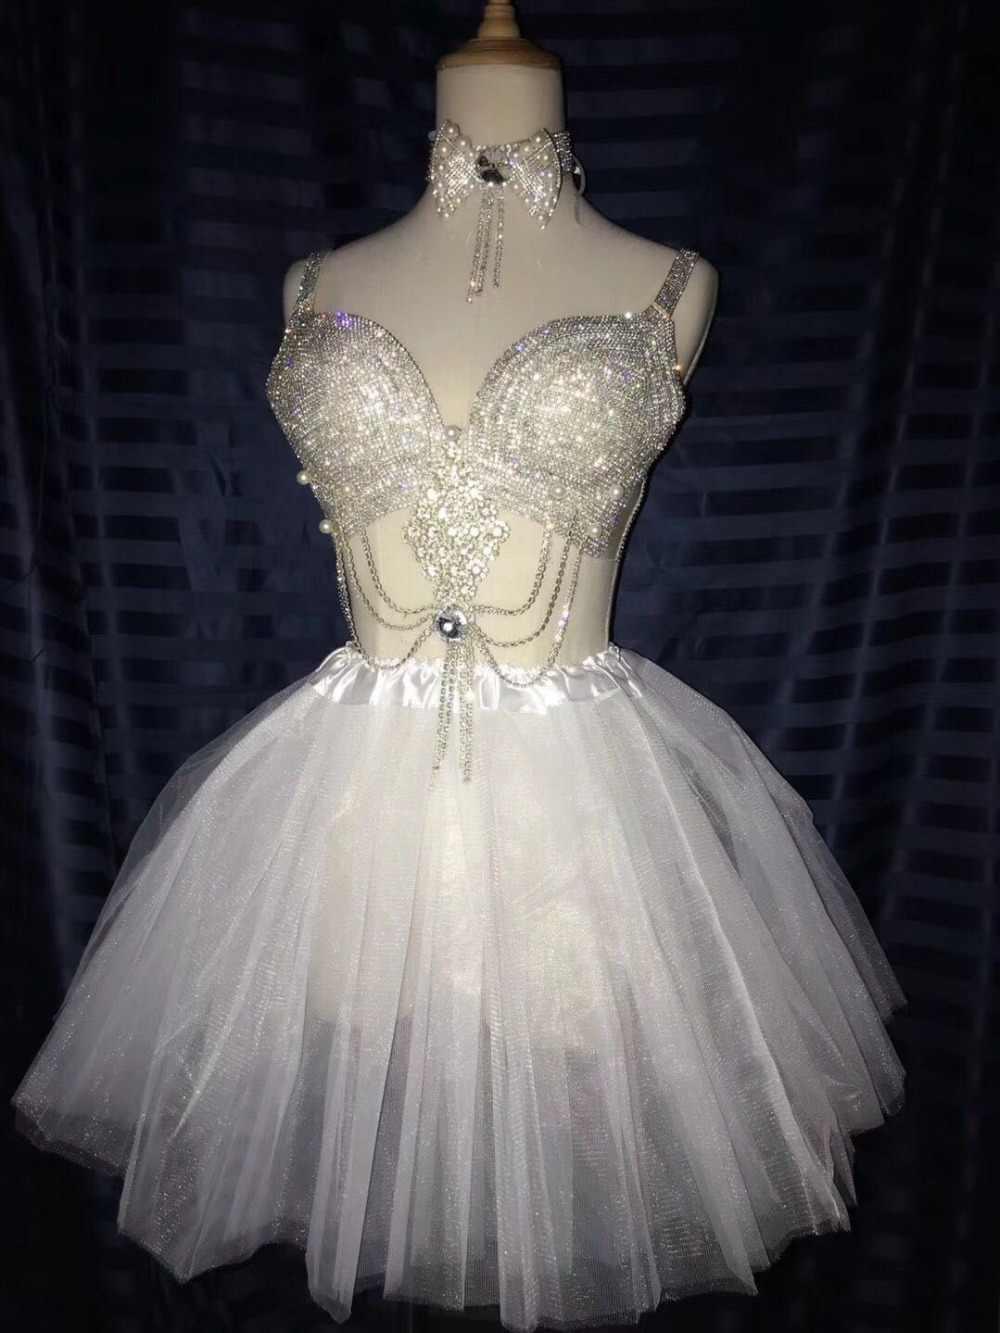 2018 白スカートキラキラガラスダイヤモンドビキニセットバー女性衣装ナイトクラブ DJ 歌手ダンサー現代ステージ衣装